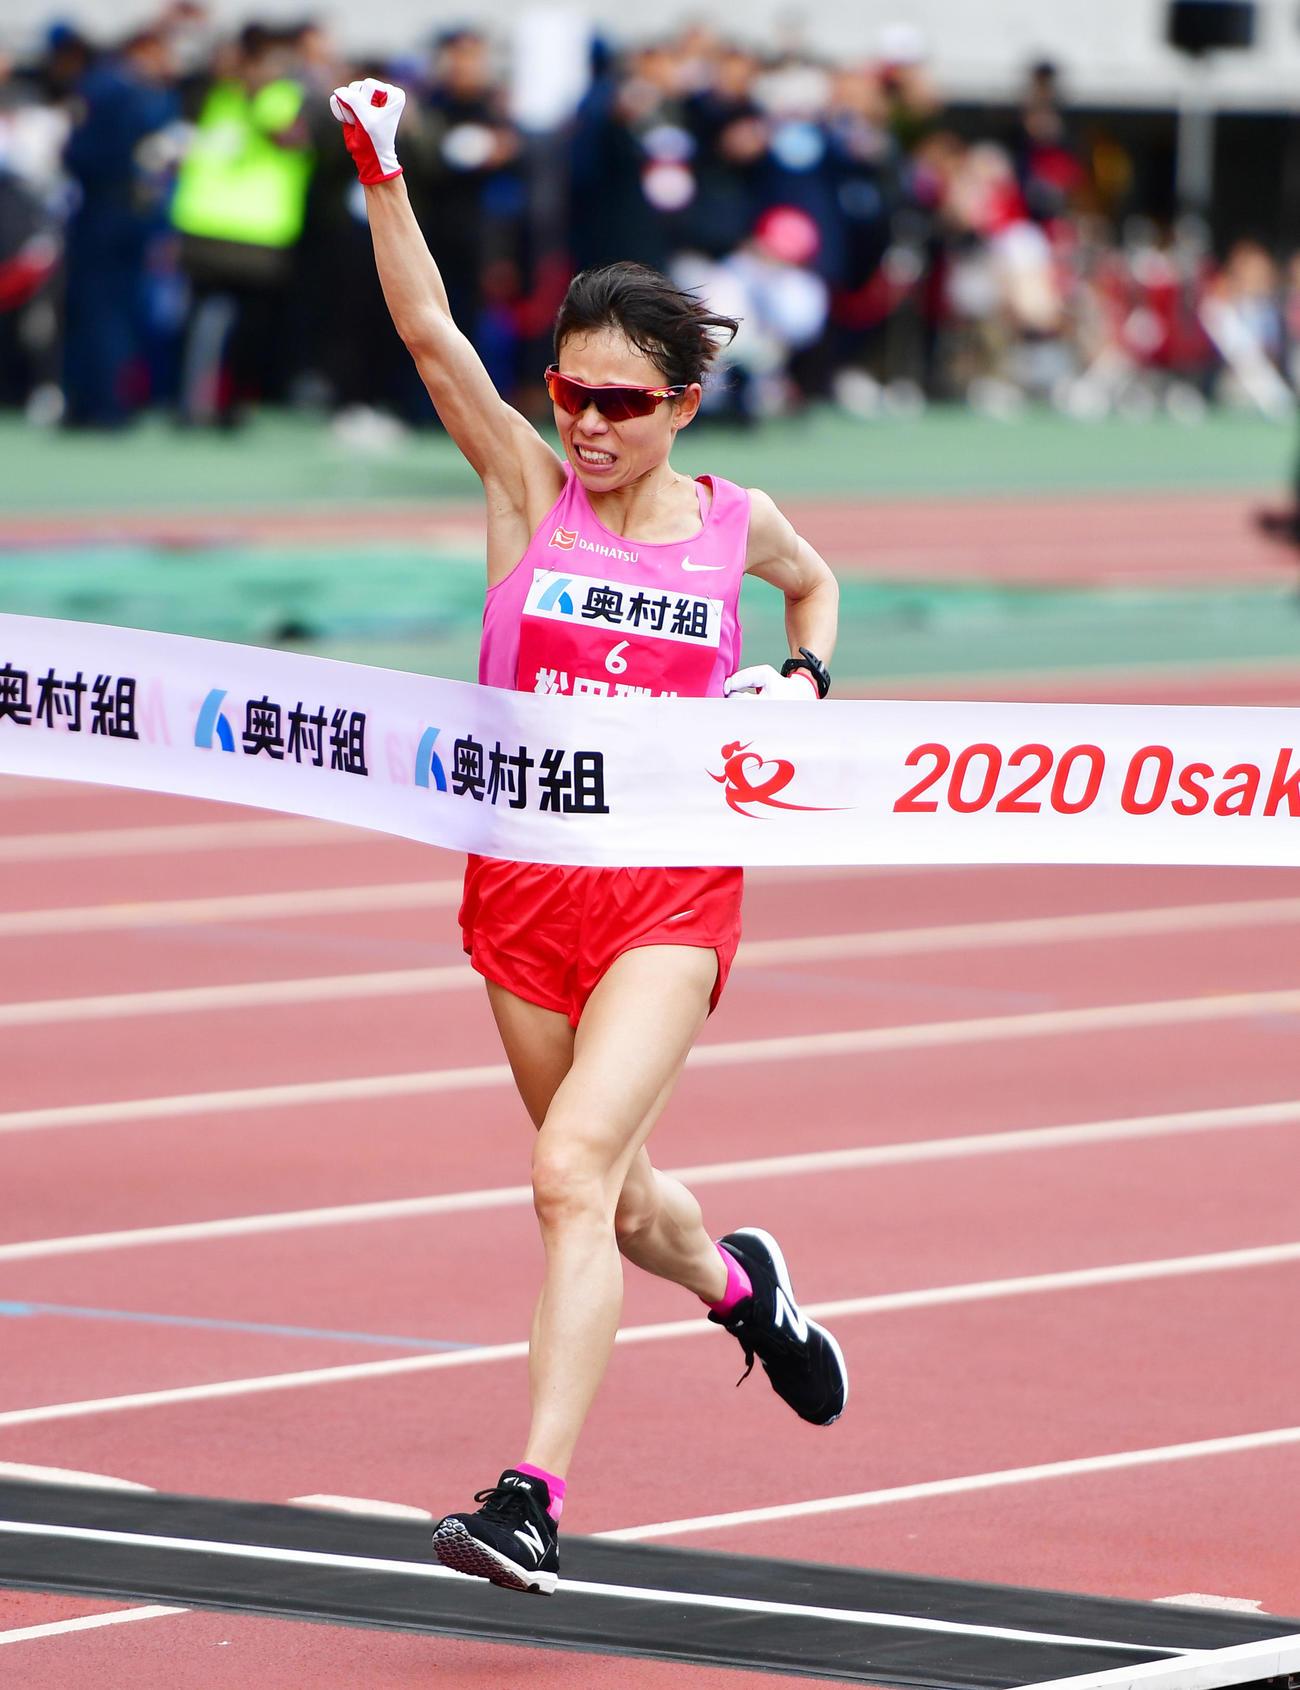 大阪国際女子マラソン 2時間21分47秒でゴールし優勝した松田瑞生(撮影・清水貴仁)